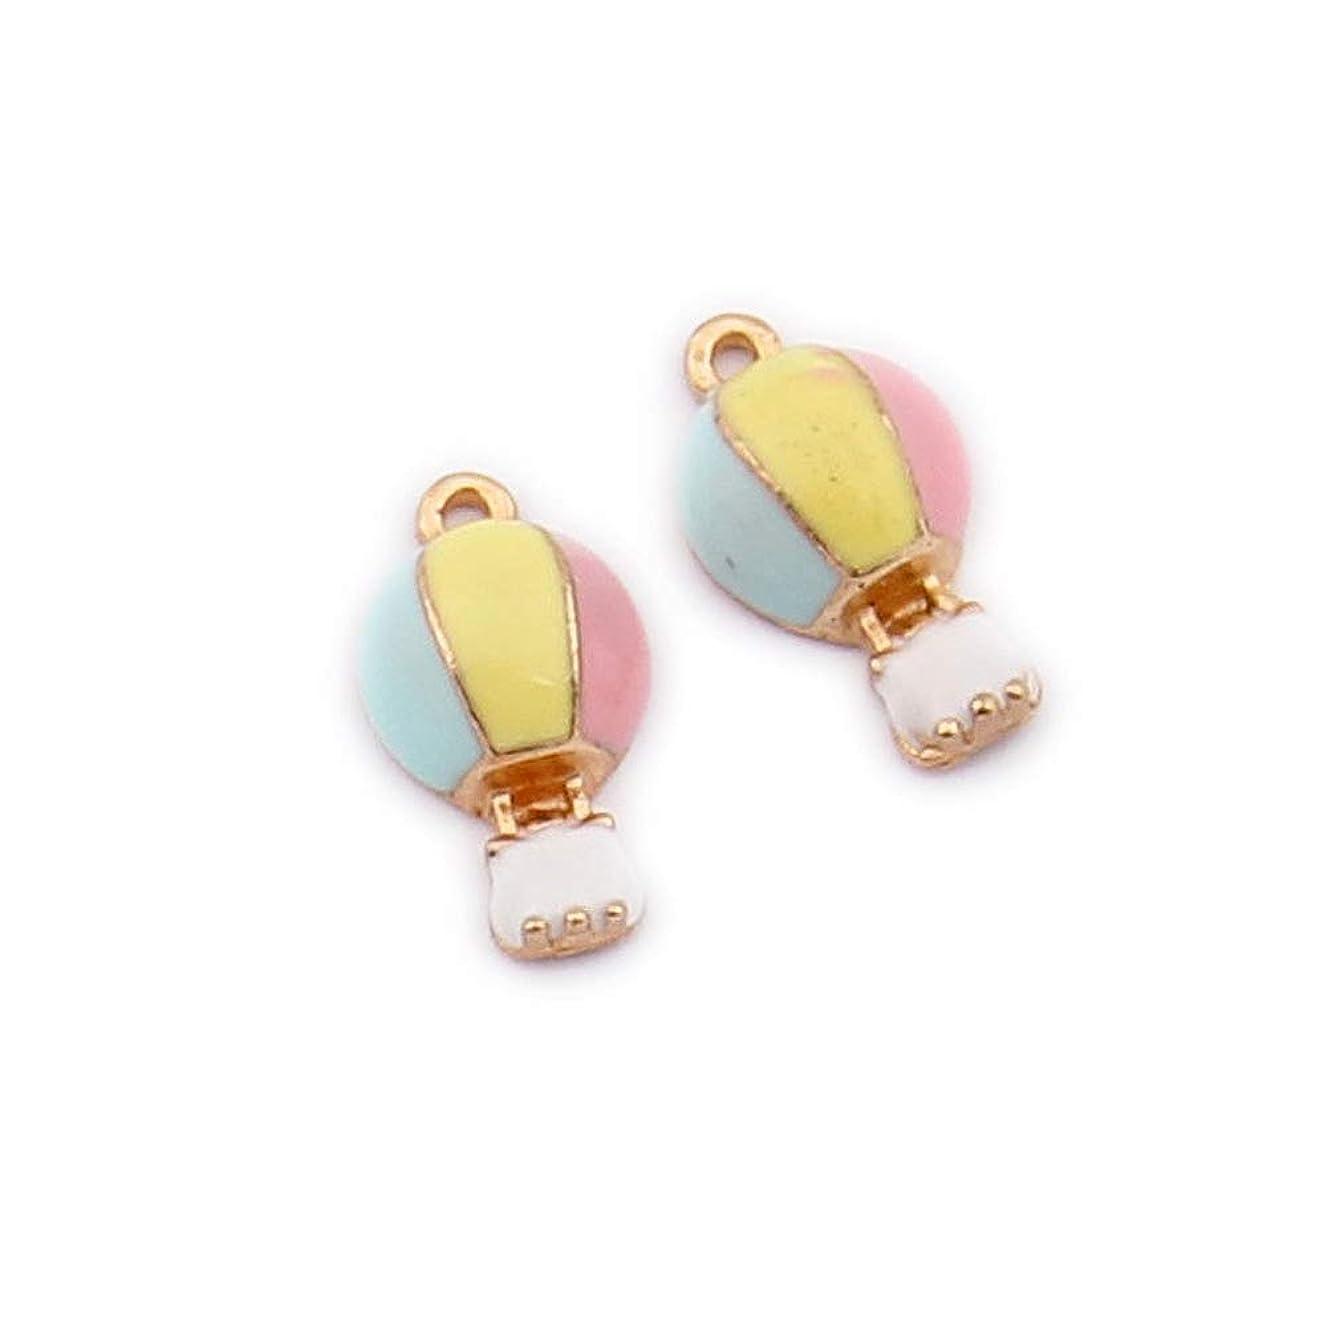 M336-E 9pcs New Cute Assorted Little Hot-air Balloon Shoe Bracelet Charms Pendants Wholesale